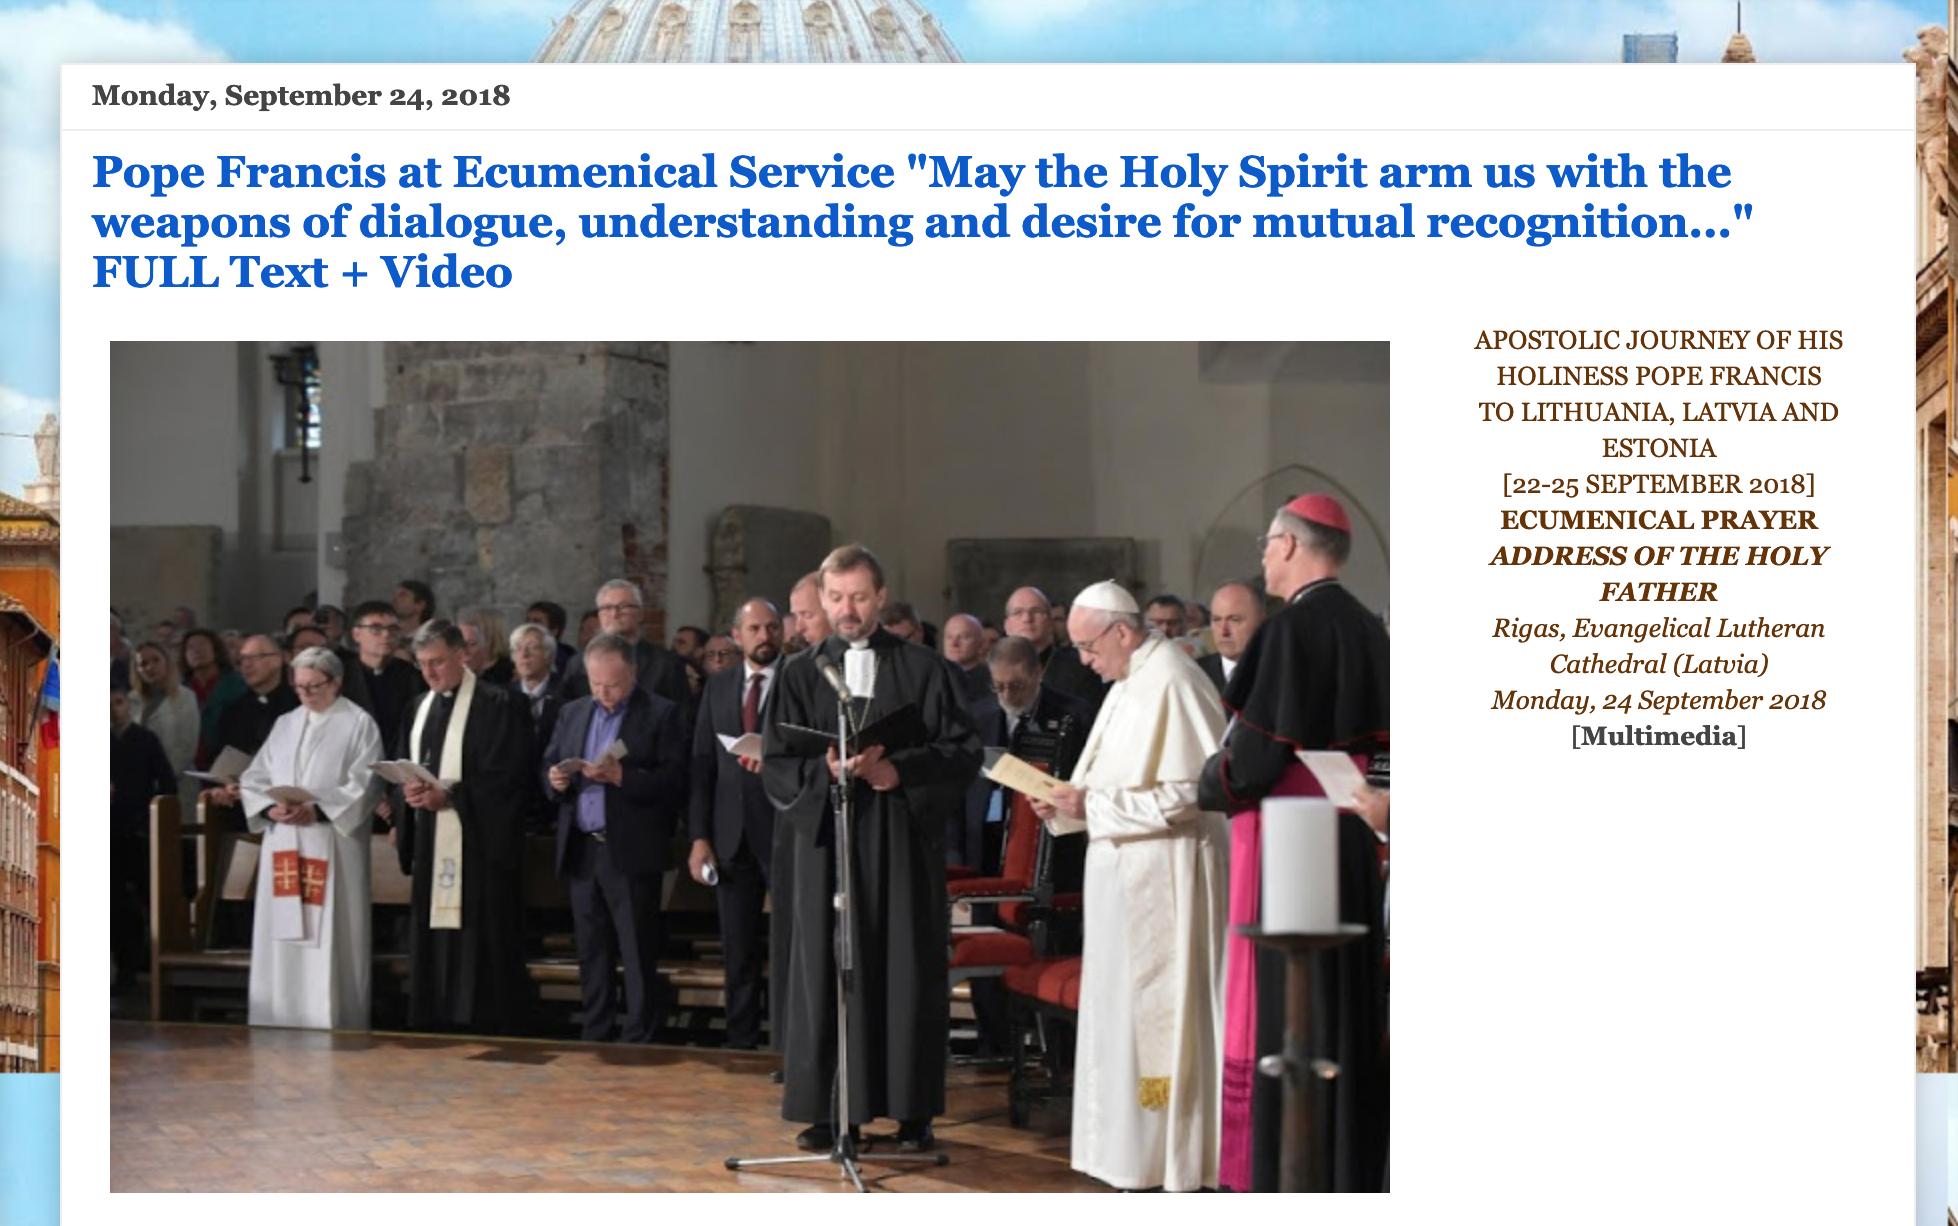 Originally shared on    Catholicnewsworld.com